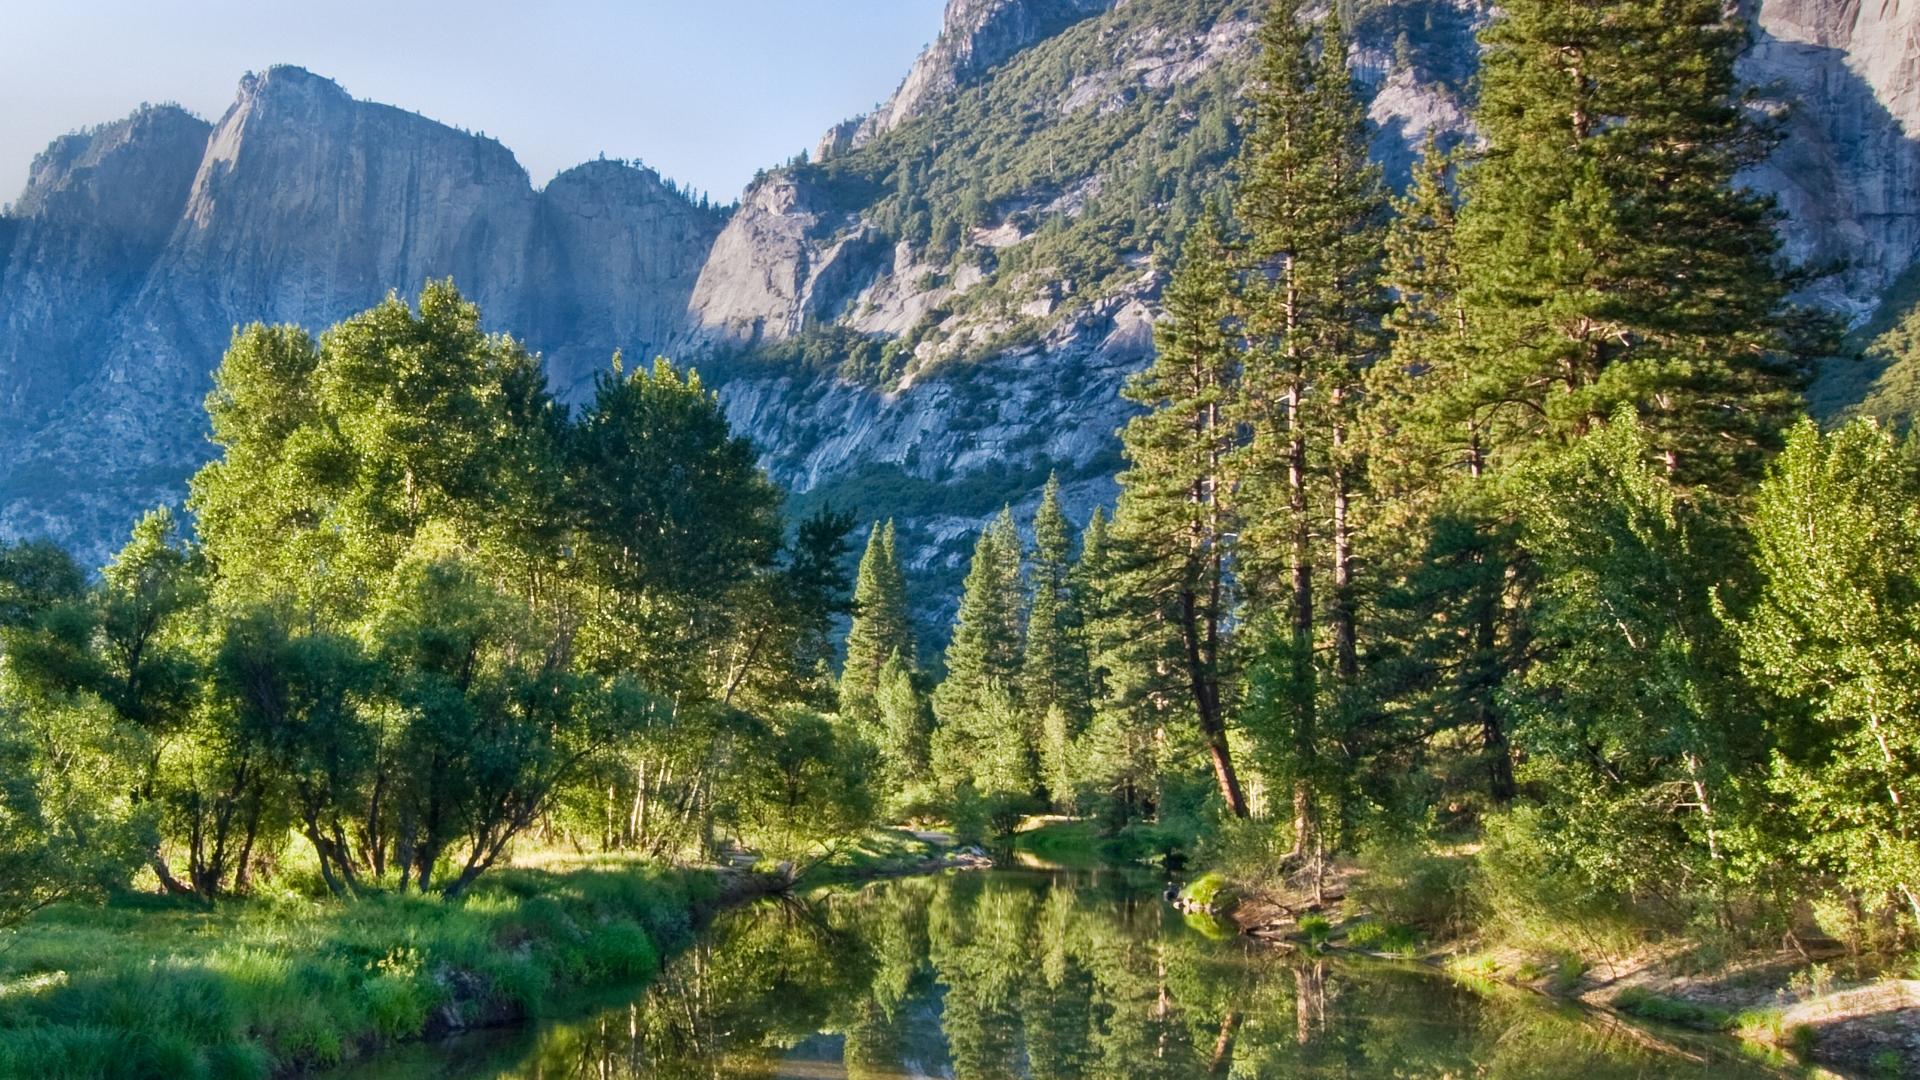 природа озеро деревья горы скалы онлайн